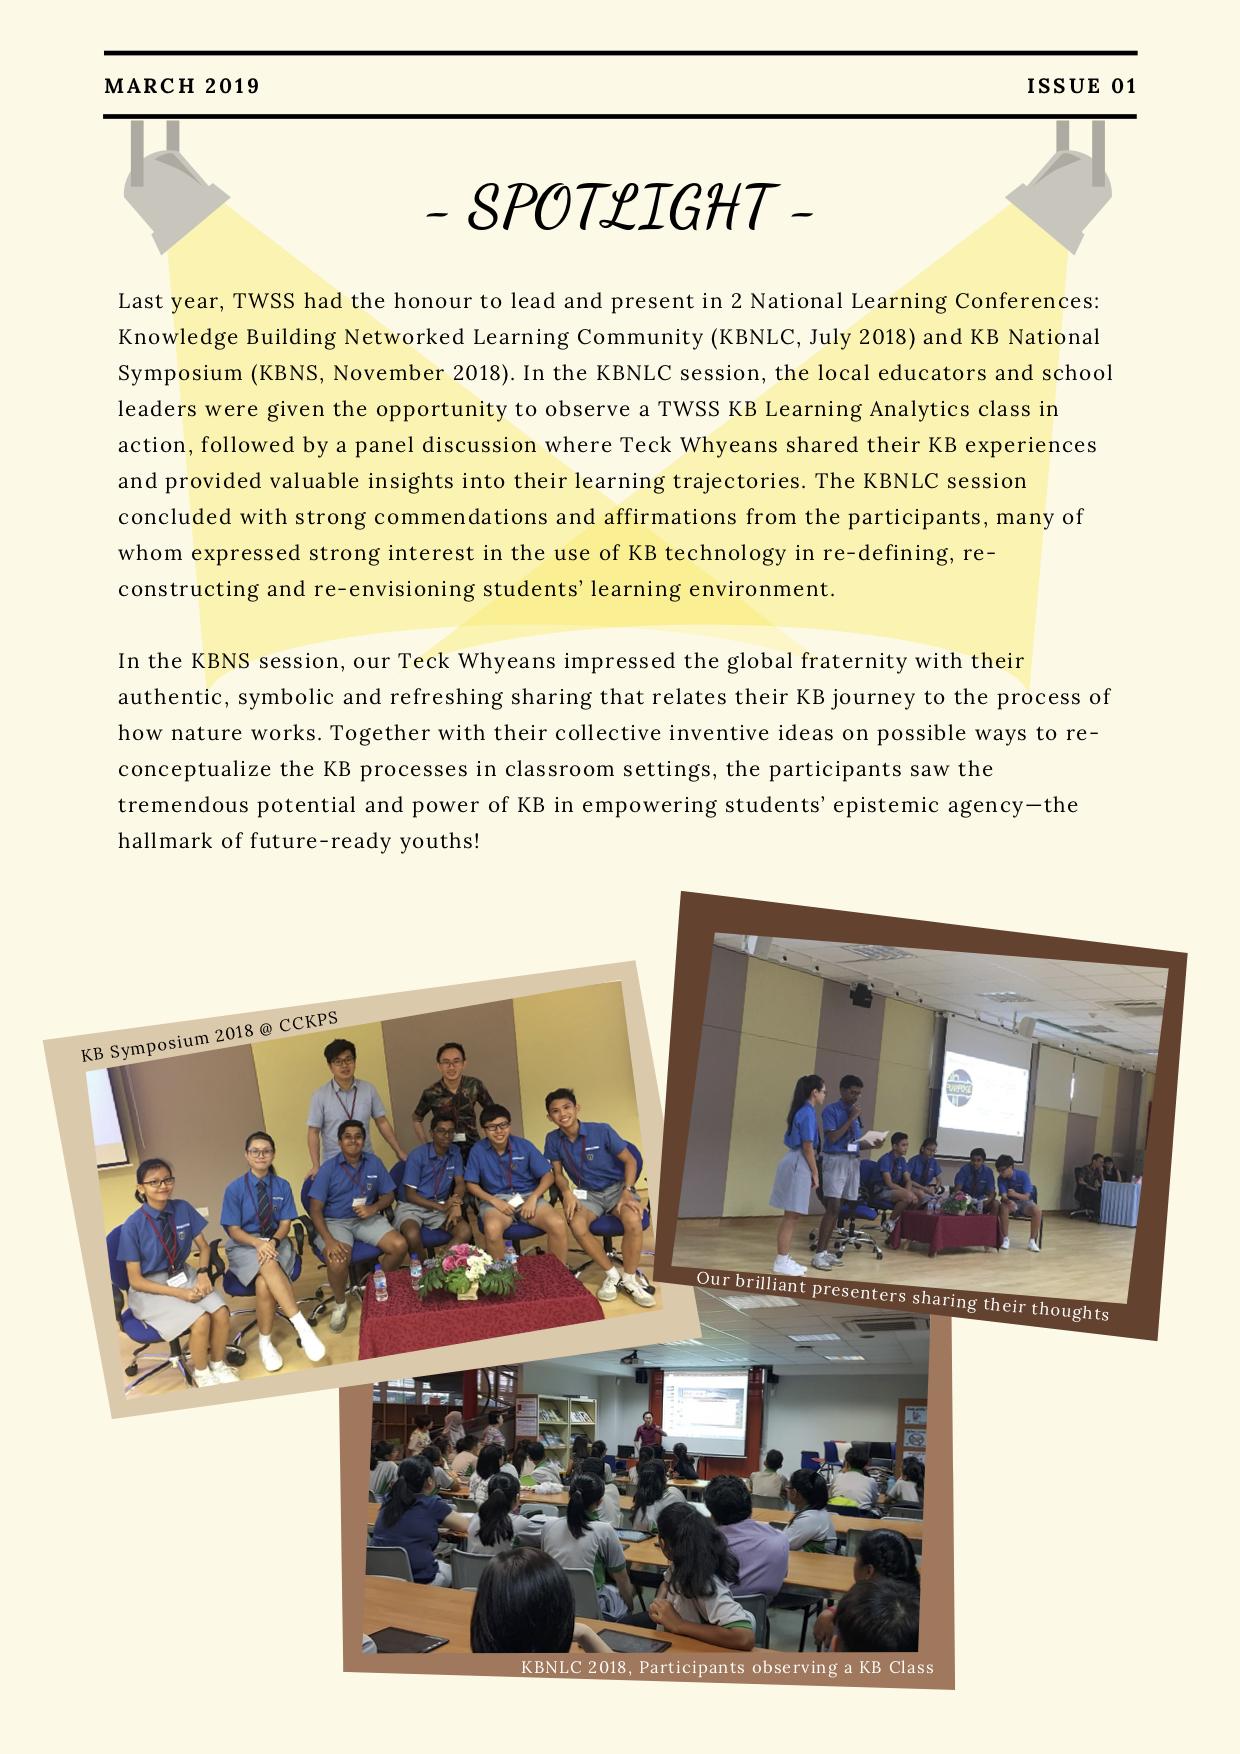 TWSS KB Newsletter Mar'19 (v2.2) 2.jpg